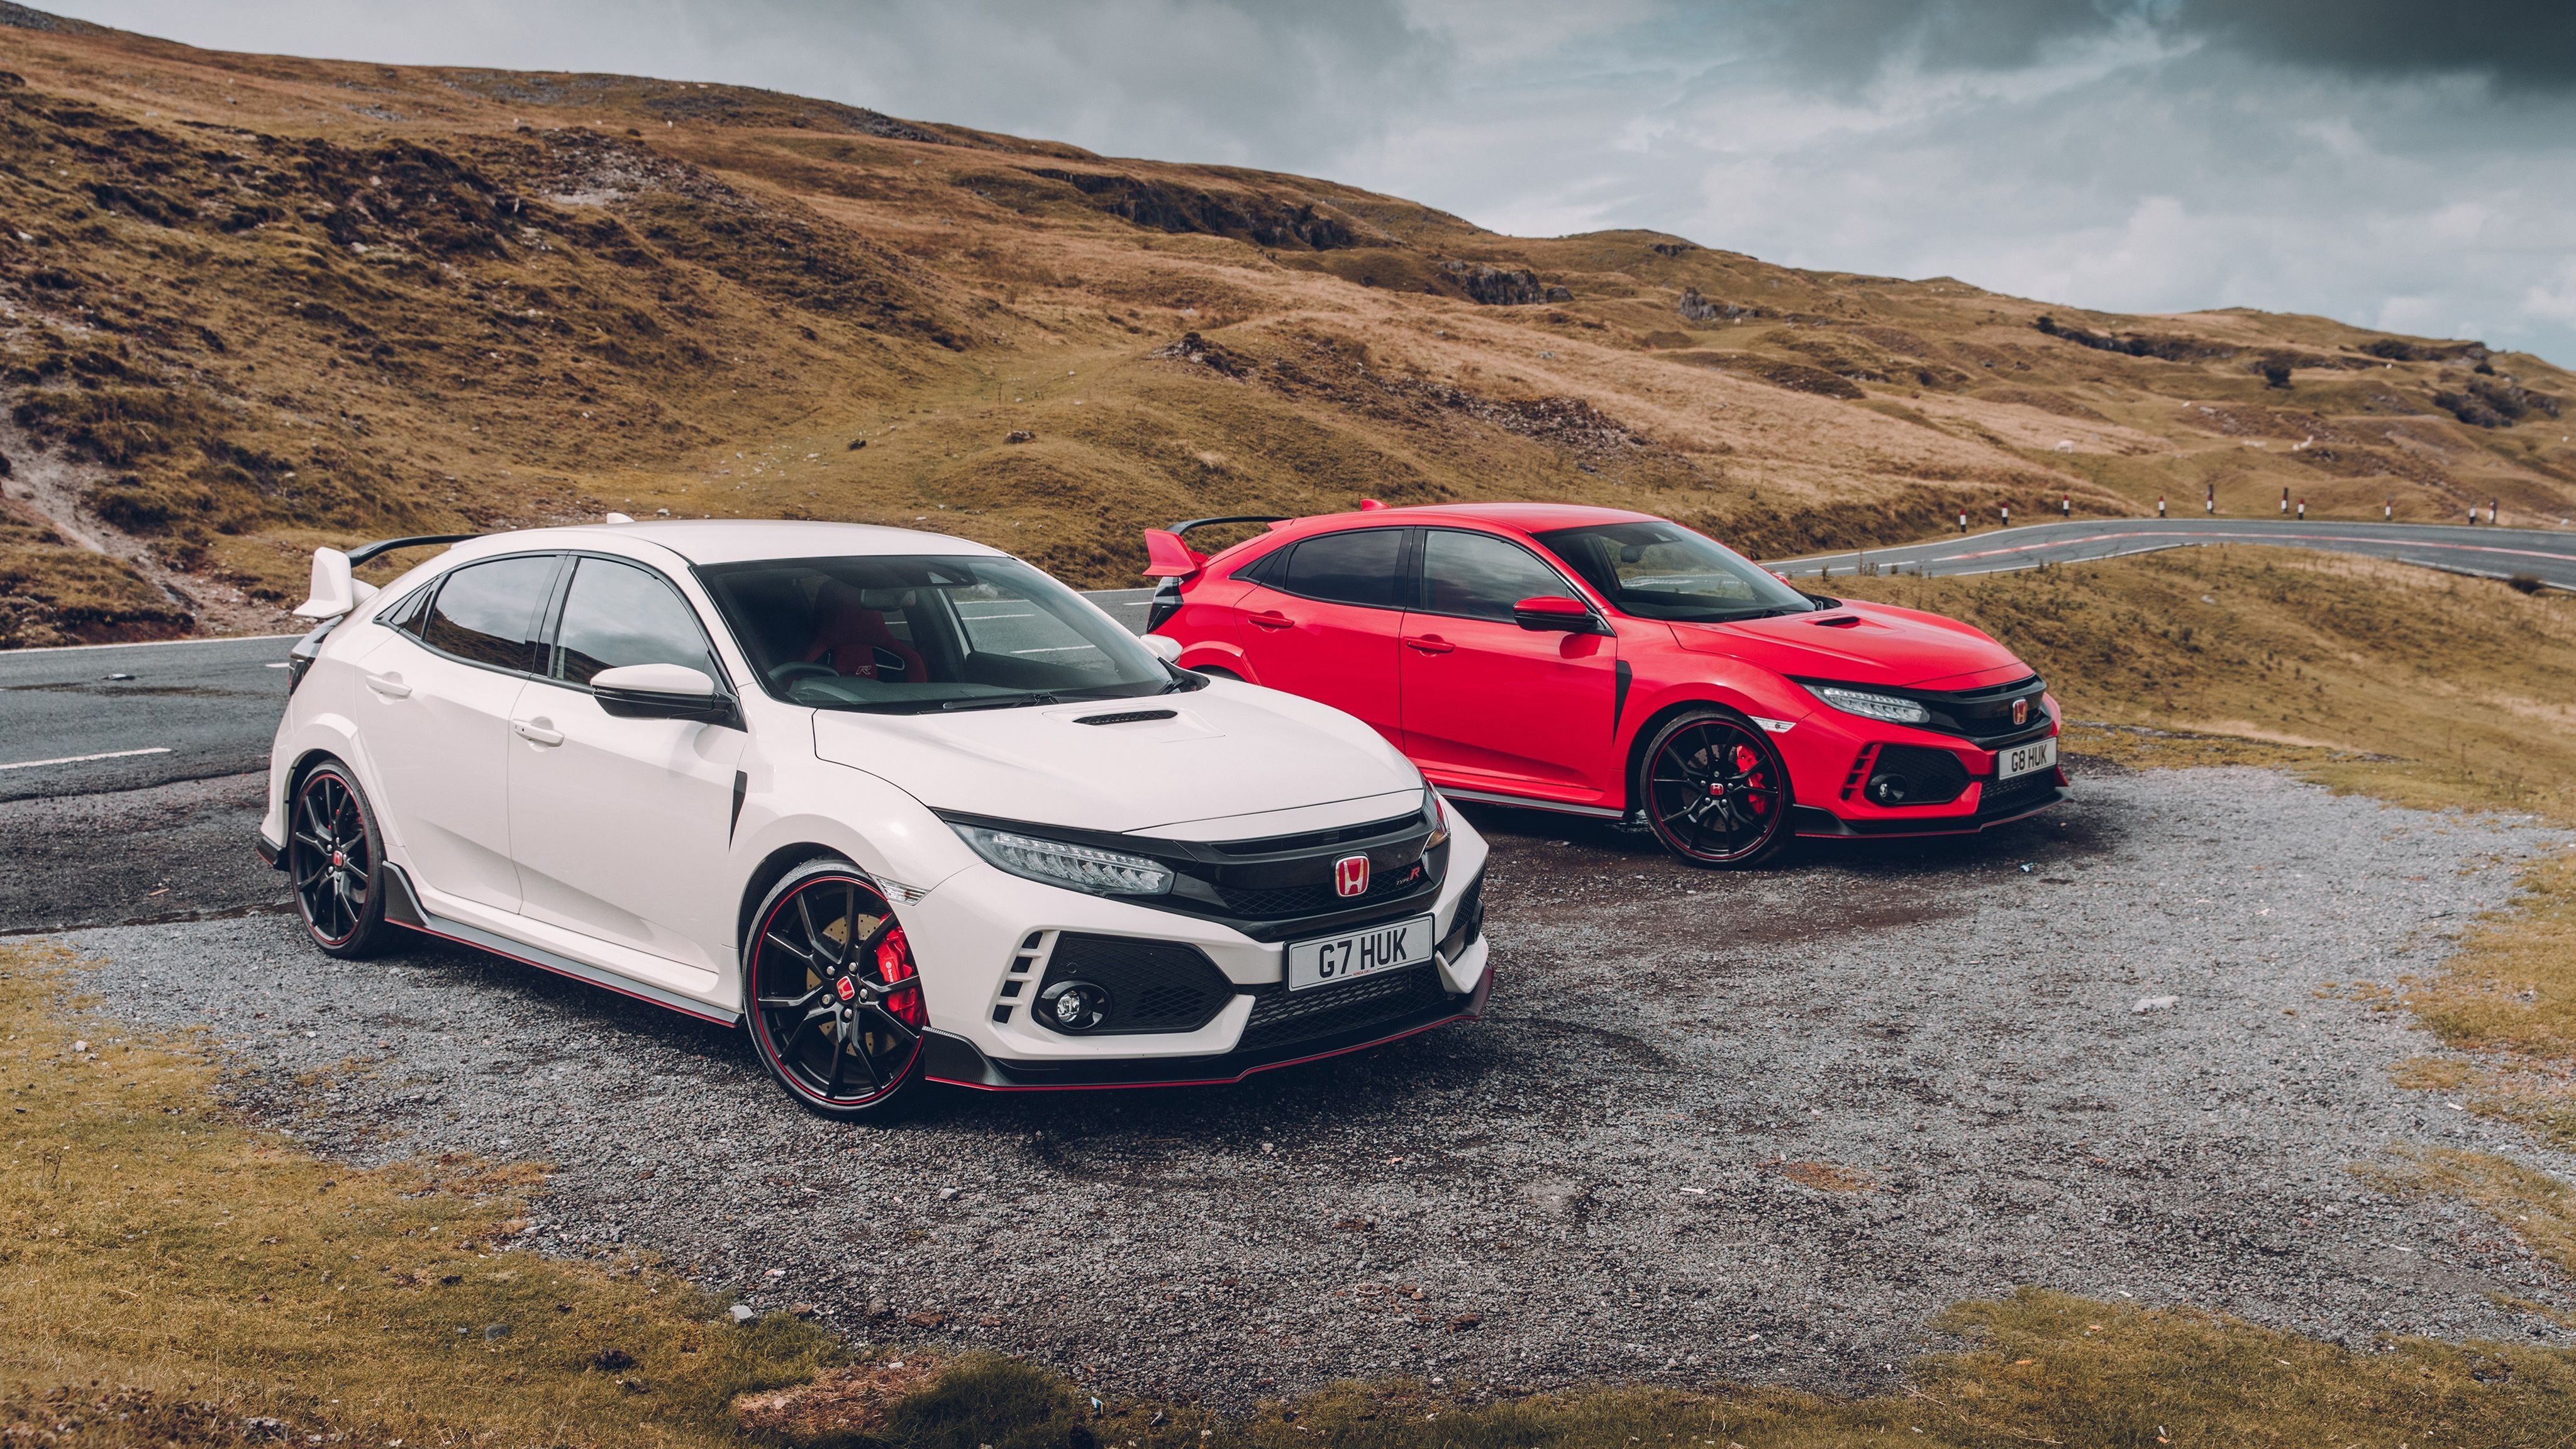 Kelebihan Harga Honda Civic Type R 2019 Review